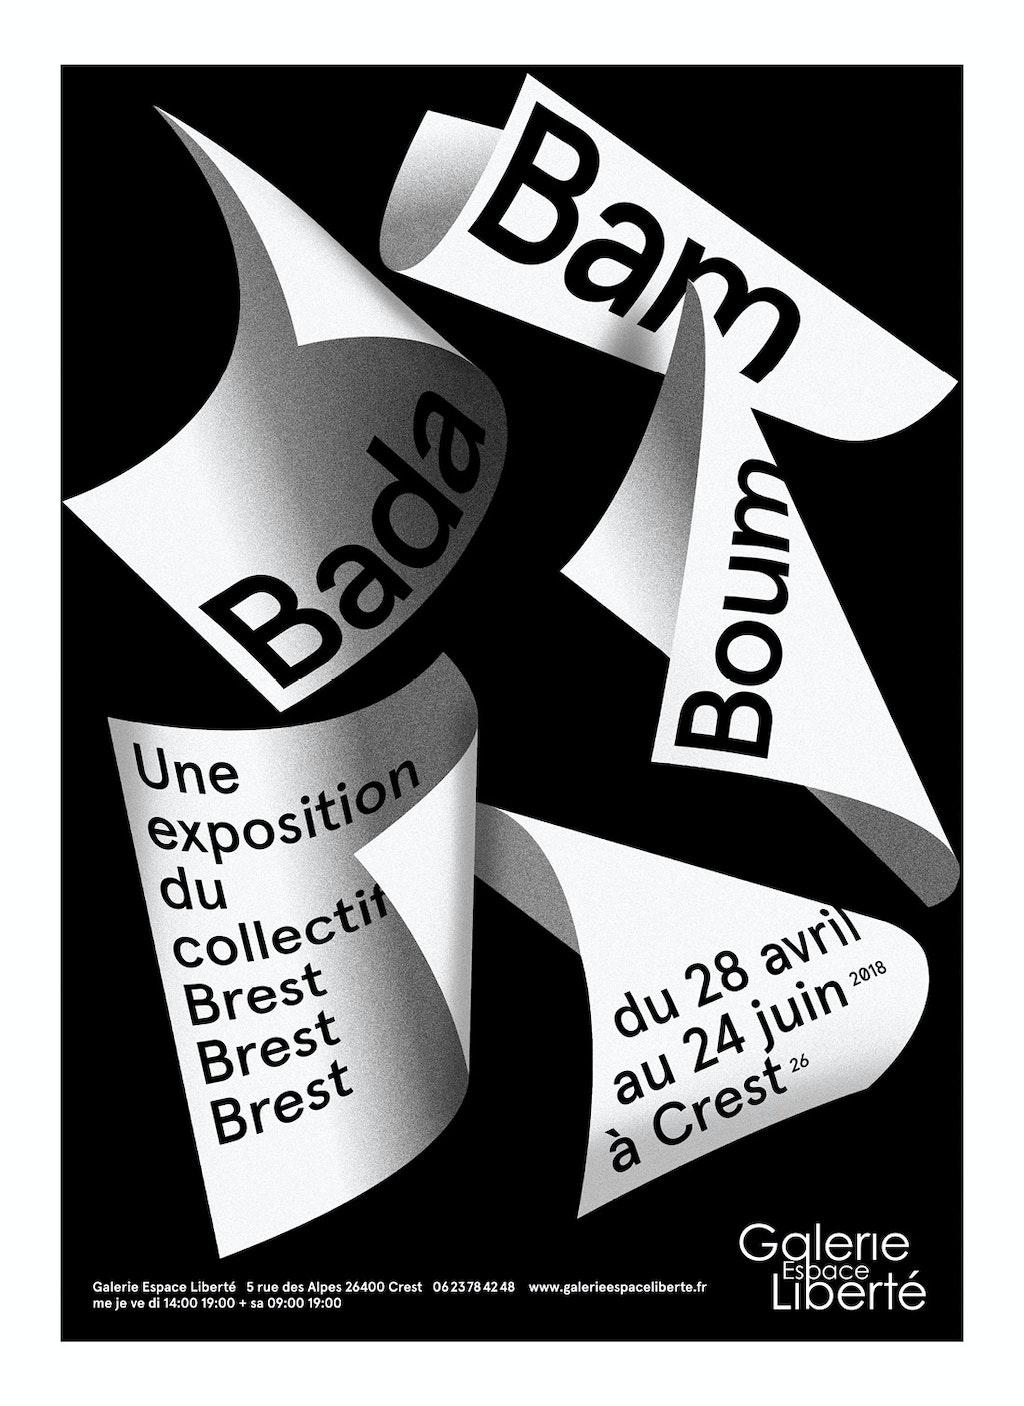 Brest Brest Brest expo